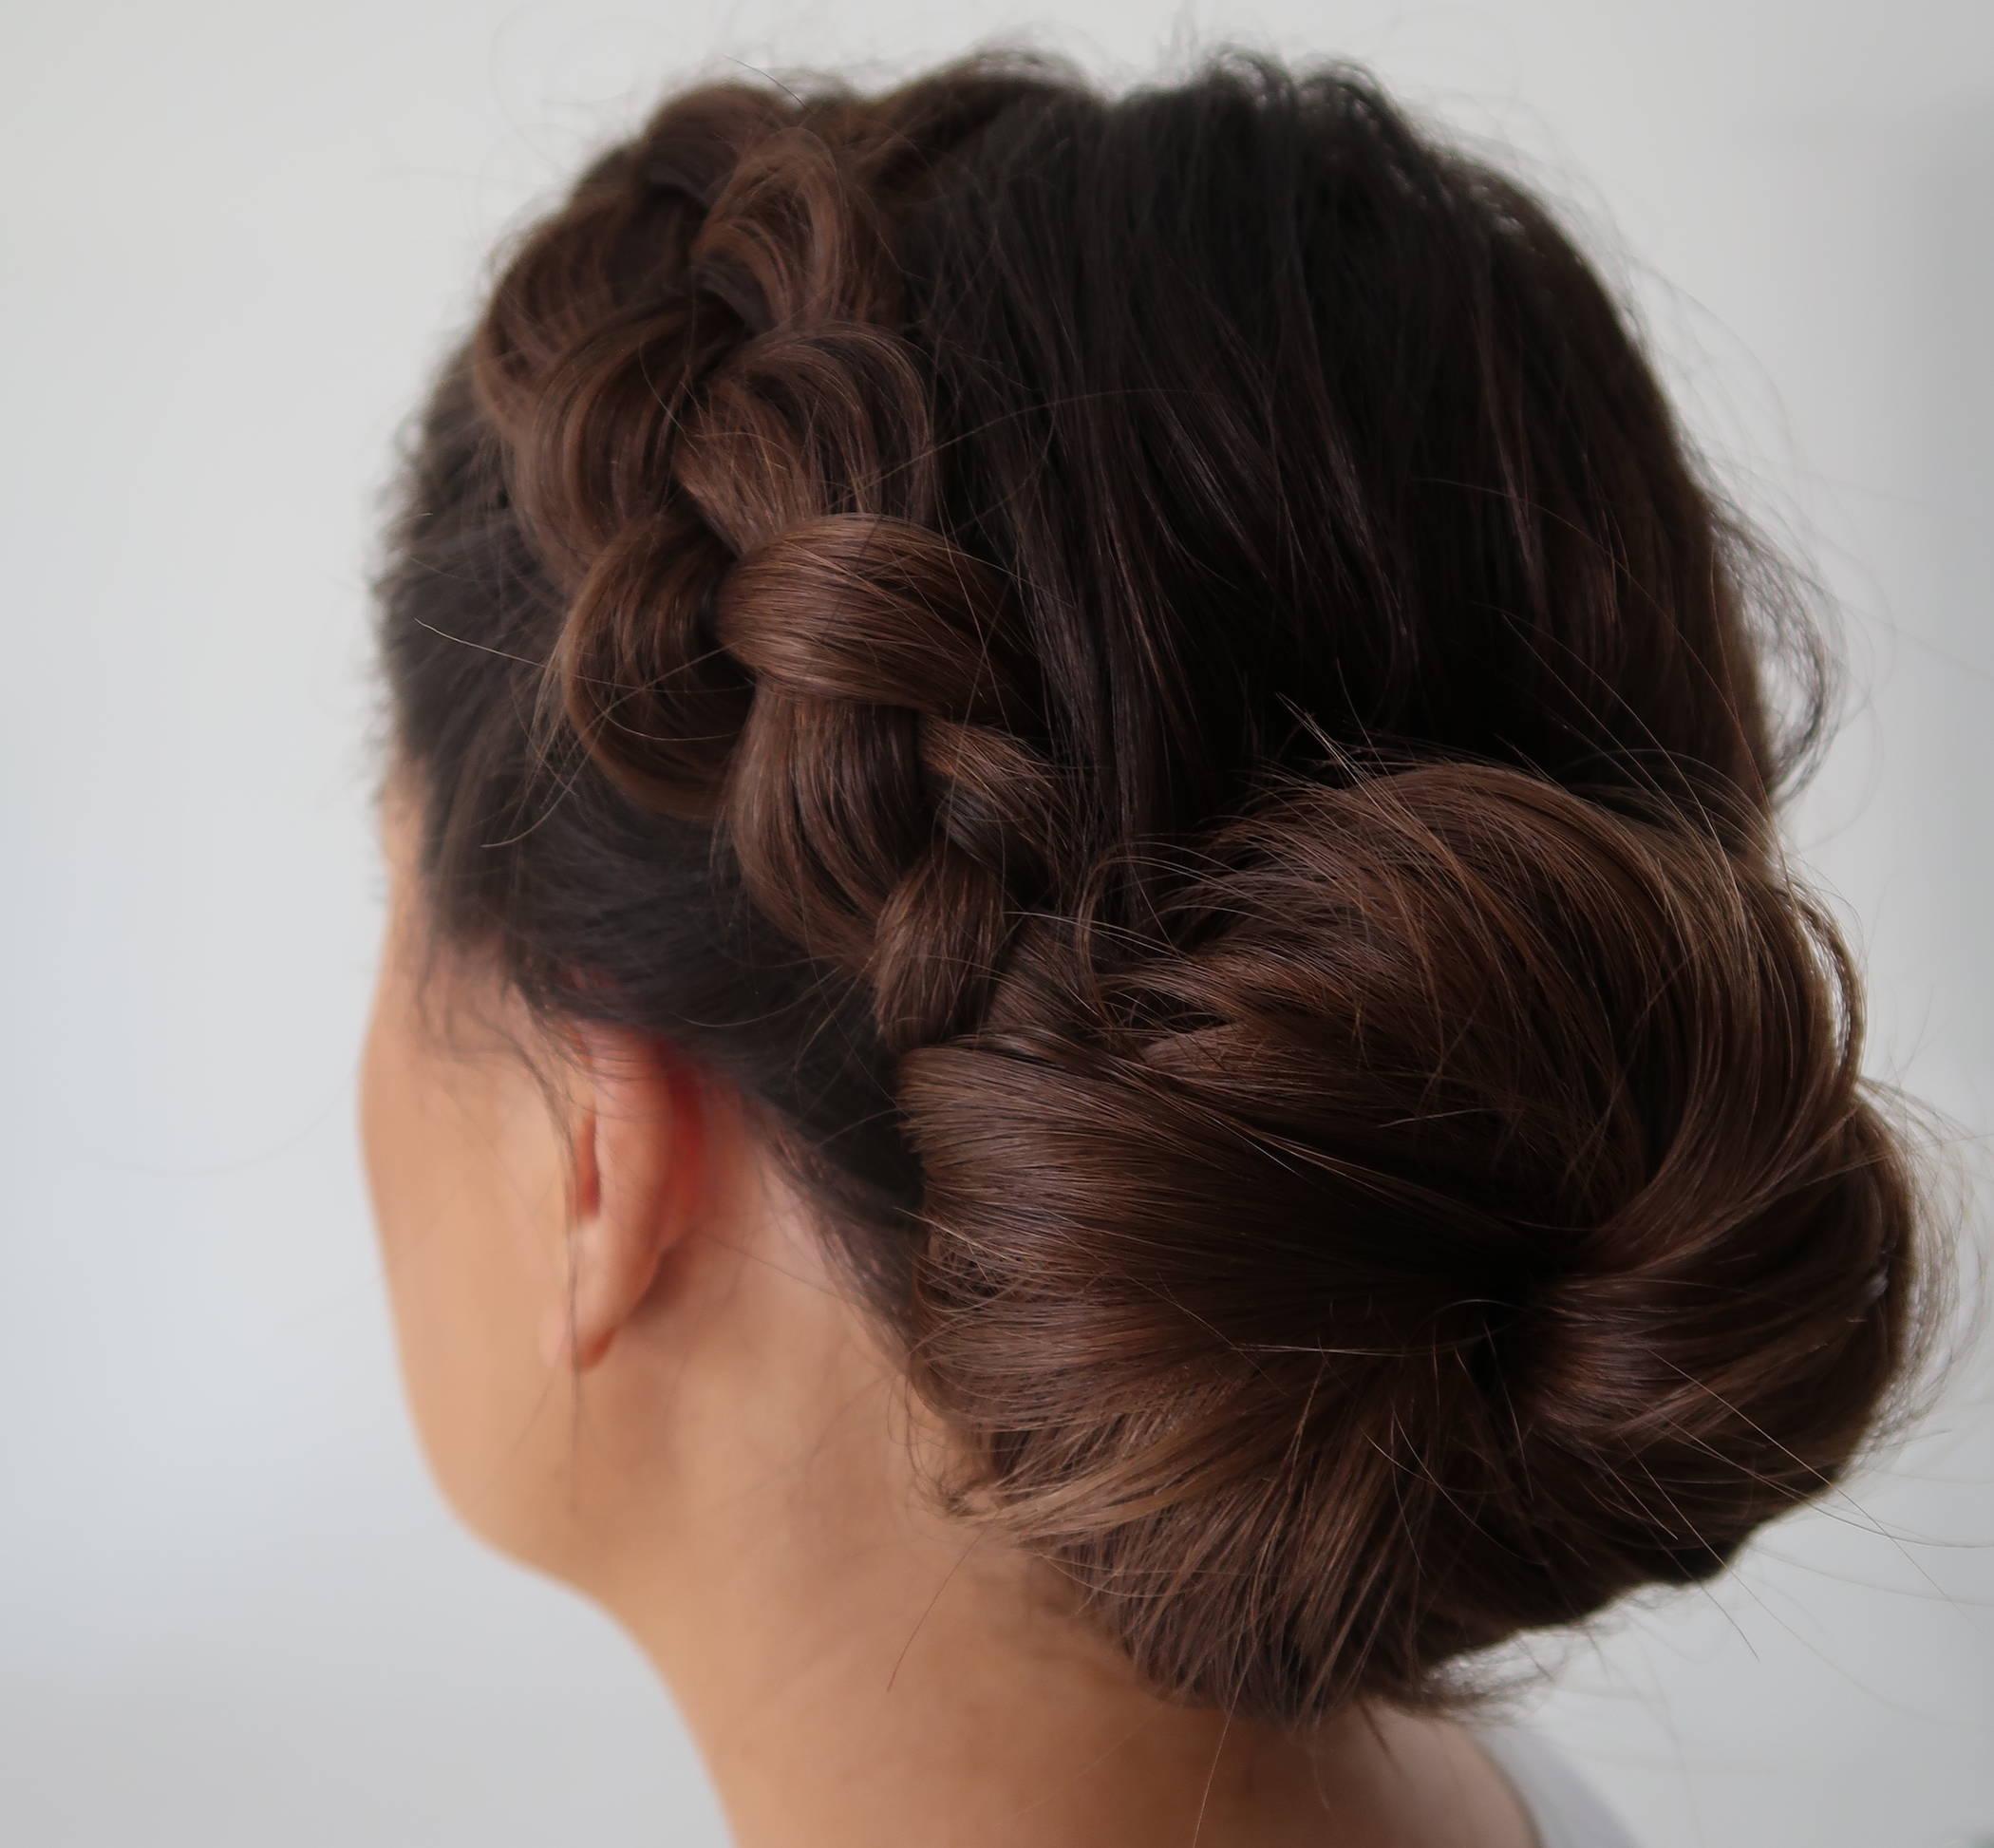 Davines braided bun hair tutorial